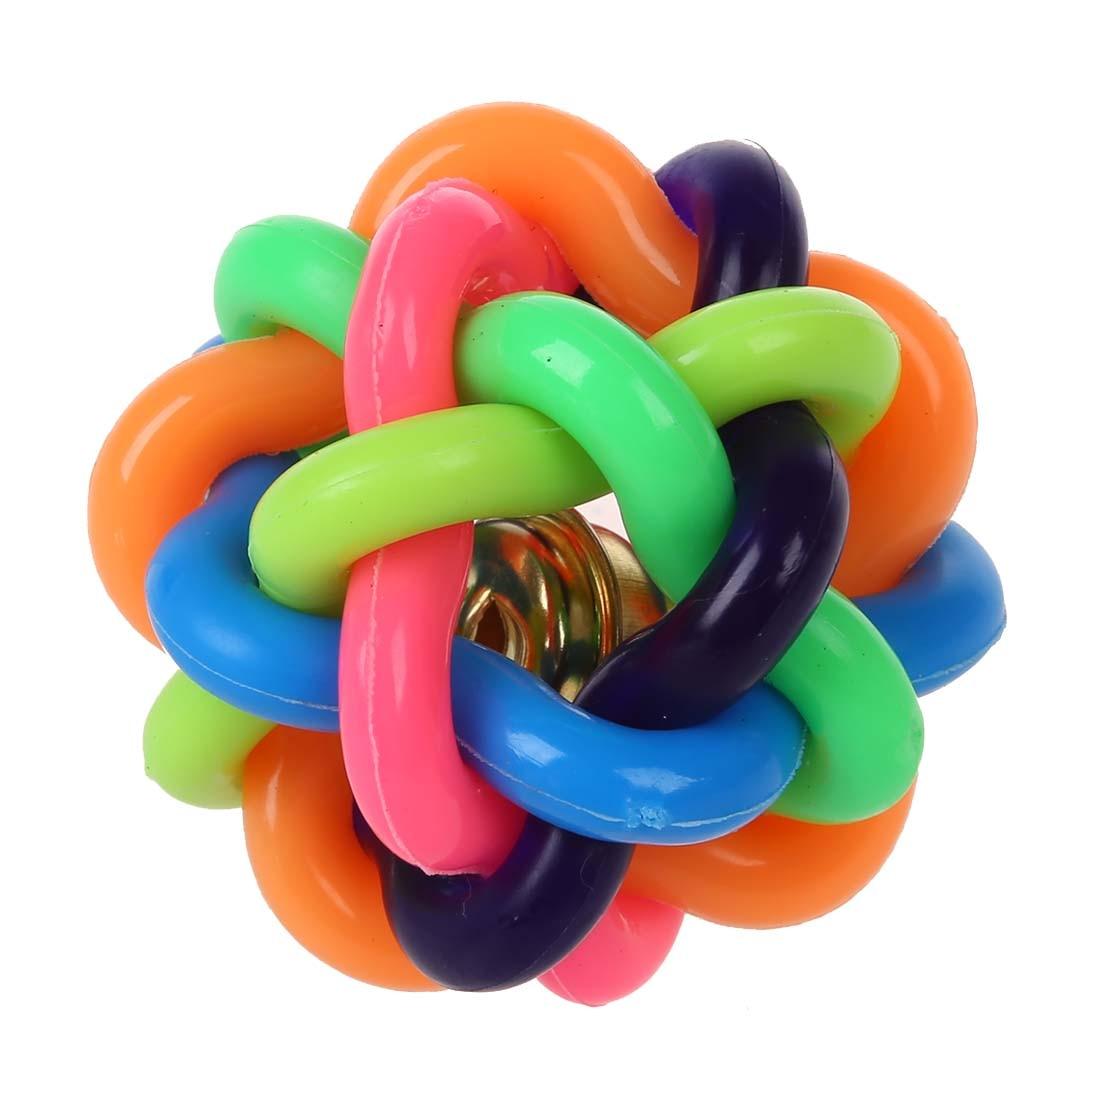 Zelfbewust 4.5 Cm Pet Dog Cat Rainbow Rubber Bell Ball Speelgoed Geluid Ronde Bal Met Kleine Bell Huisdier Product